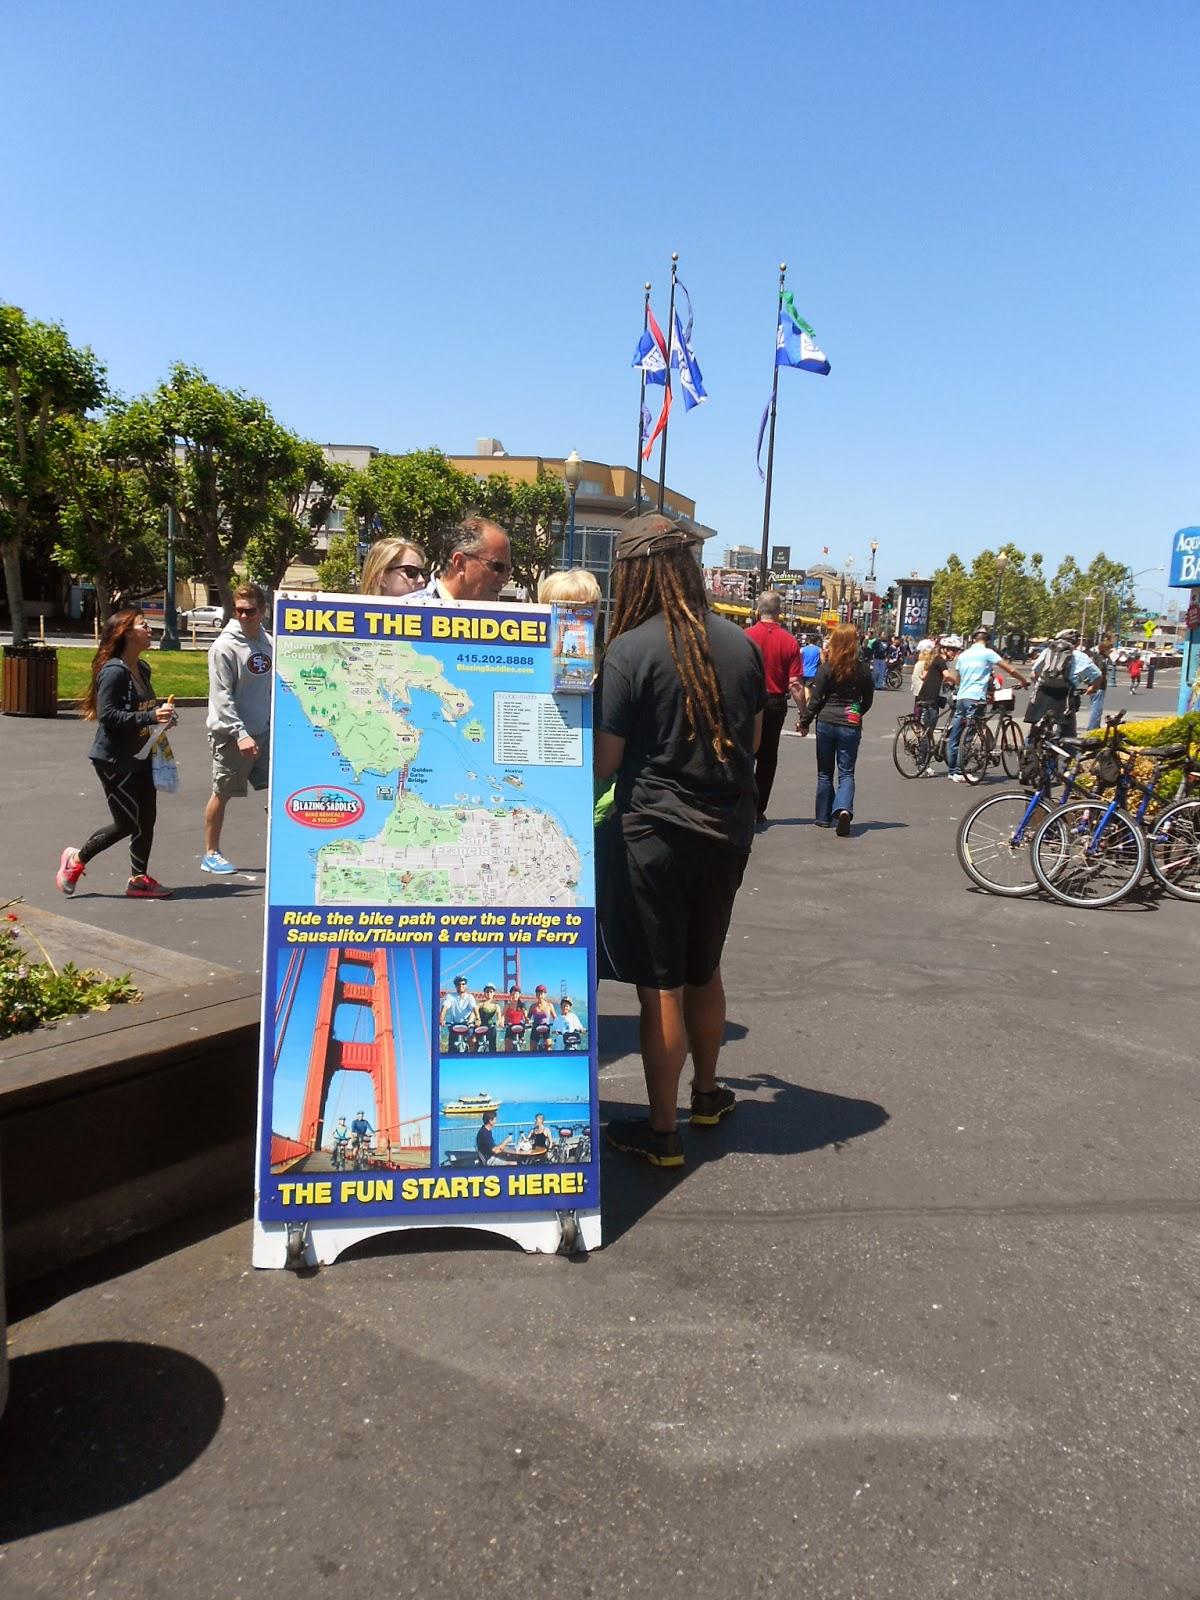 Aluguel de bike para atravessar a Golden Gate